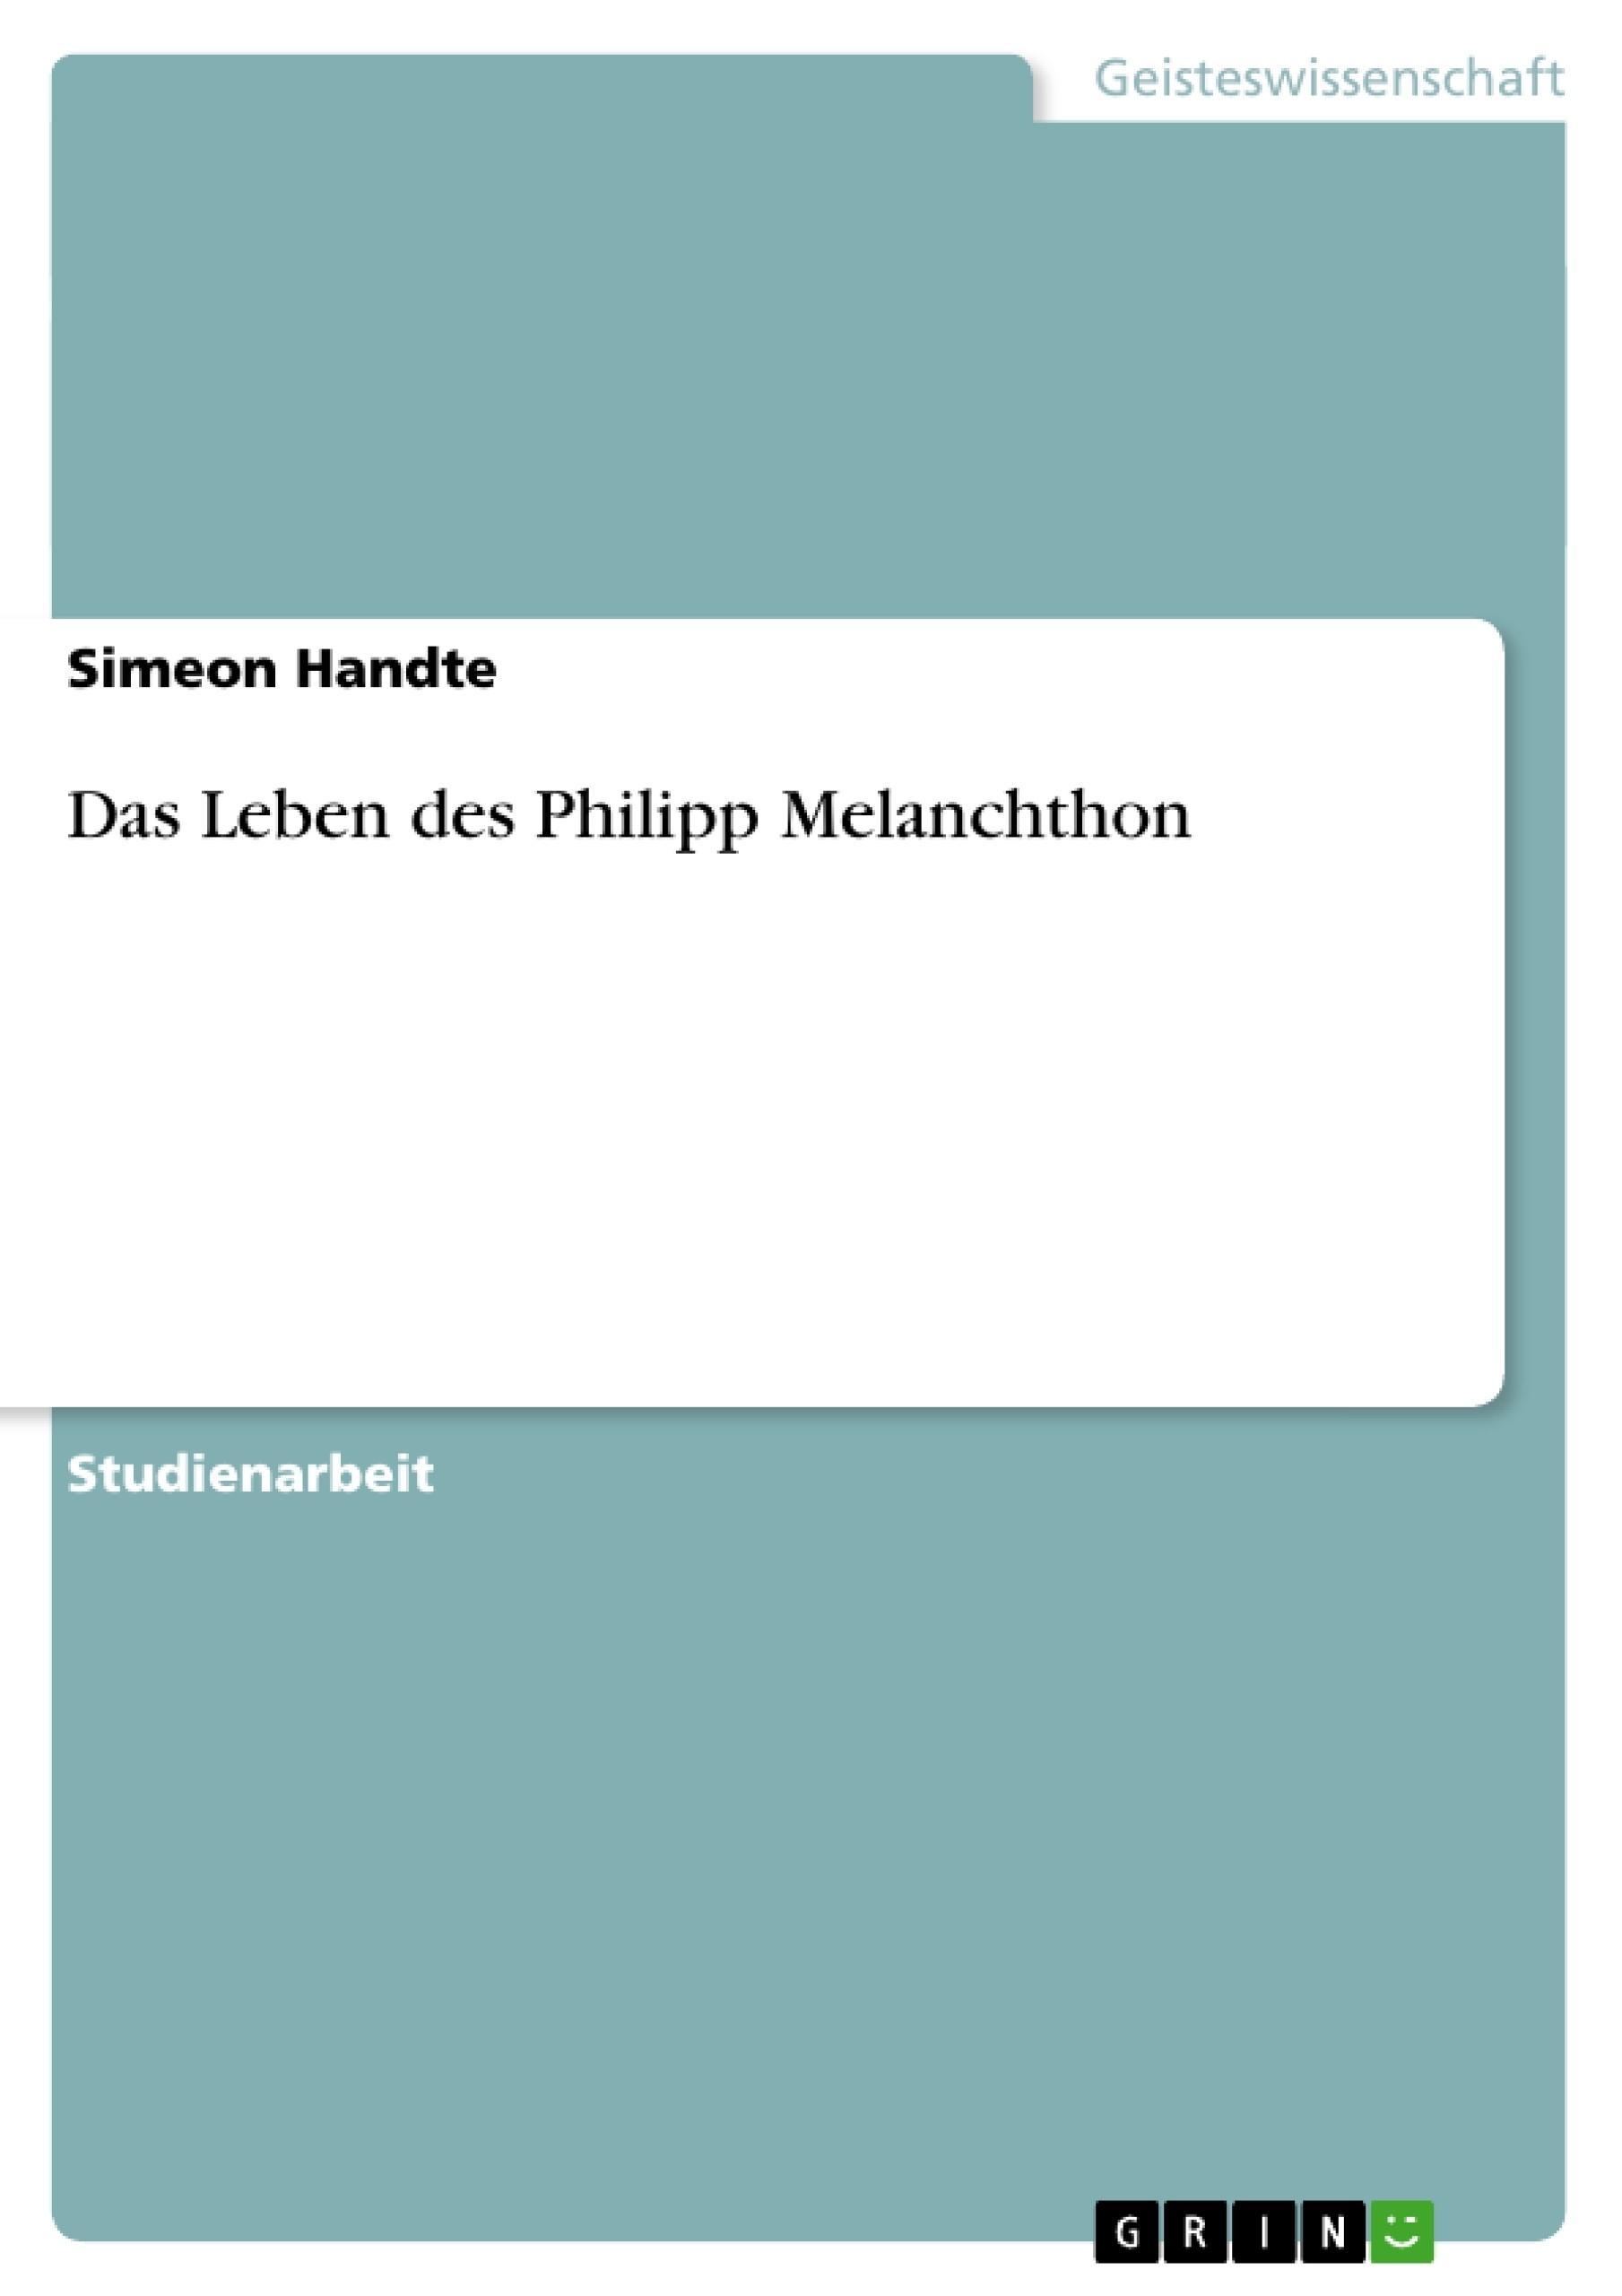 Titel: Das Leben des Philipp Melanchthon